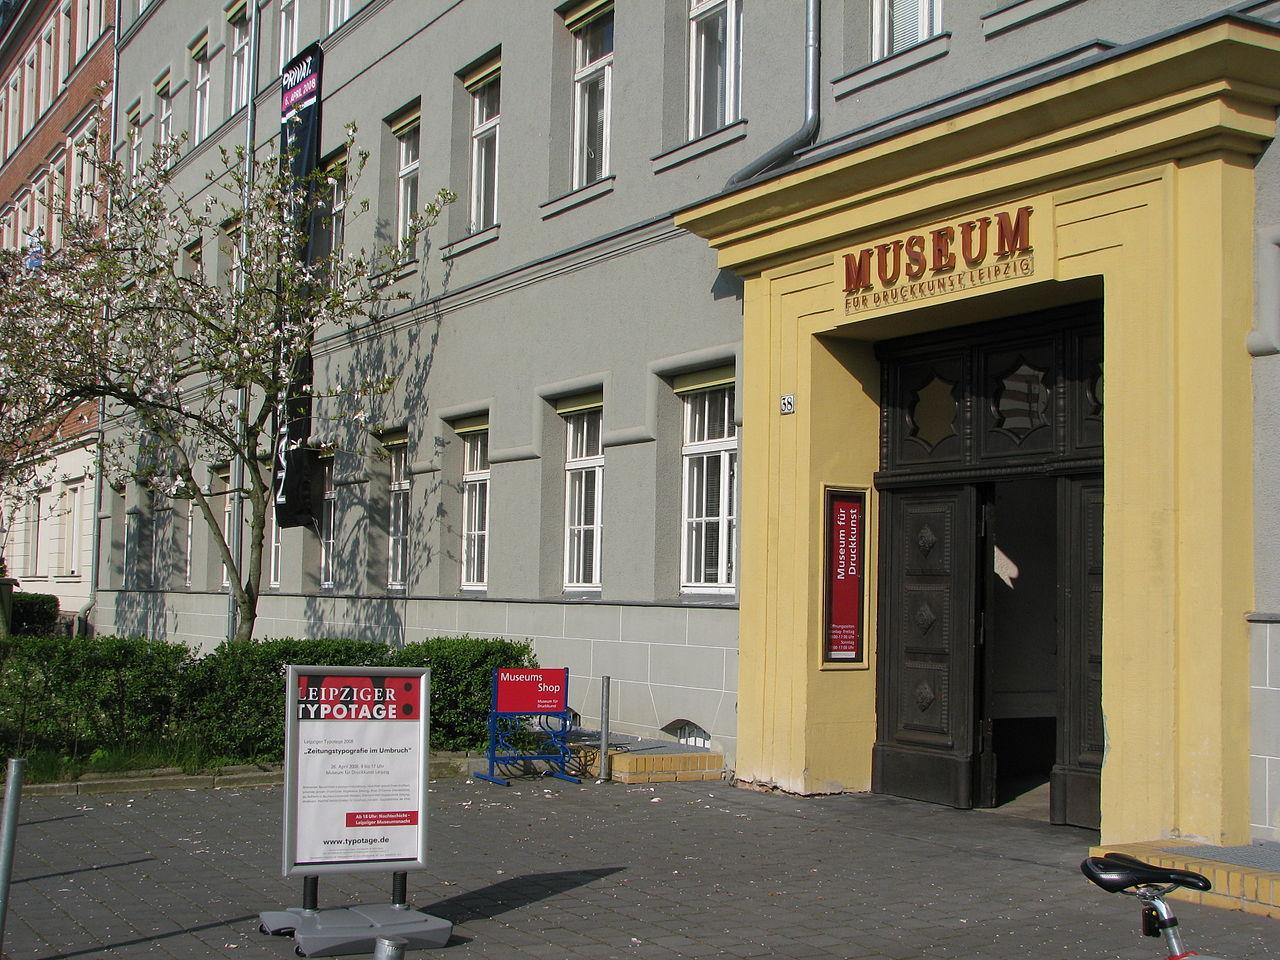 Bild Museum für Druckkunst Leipzig